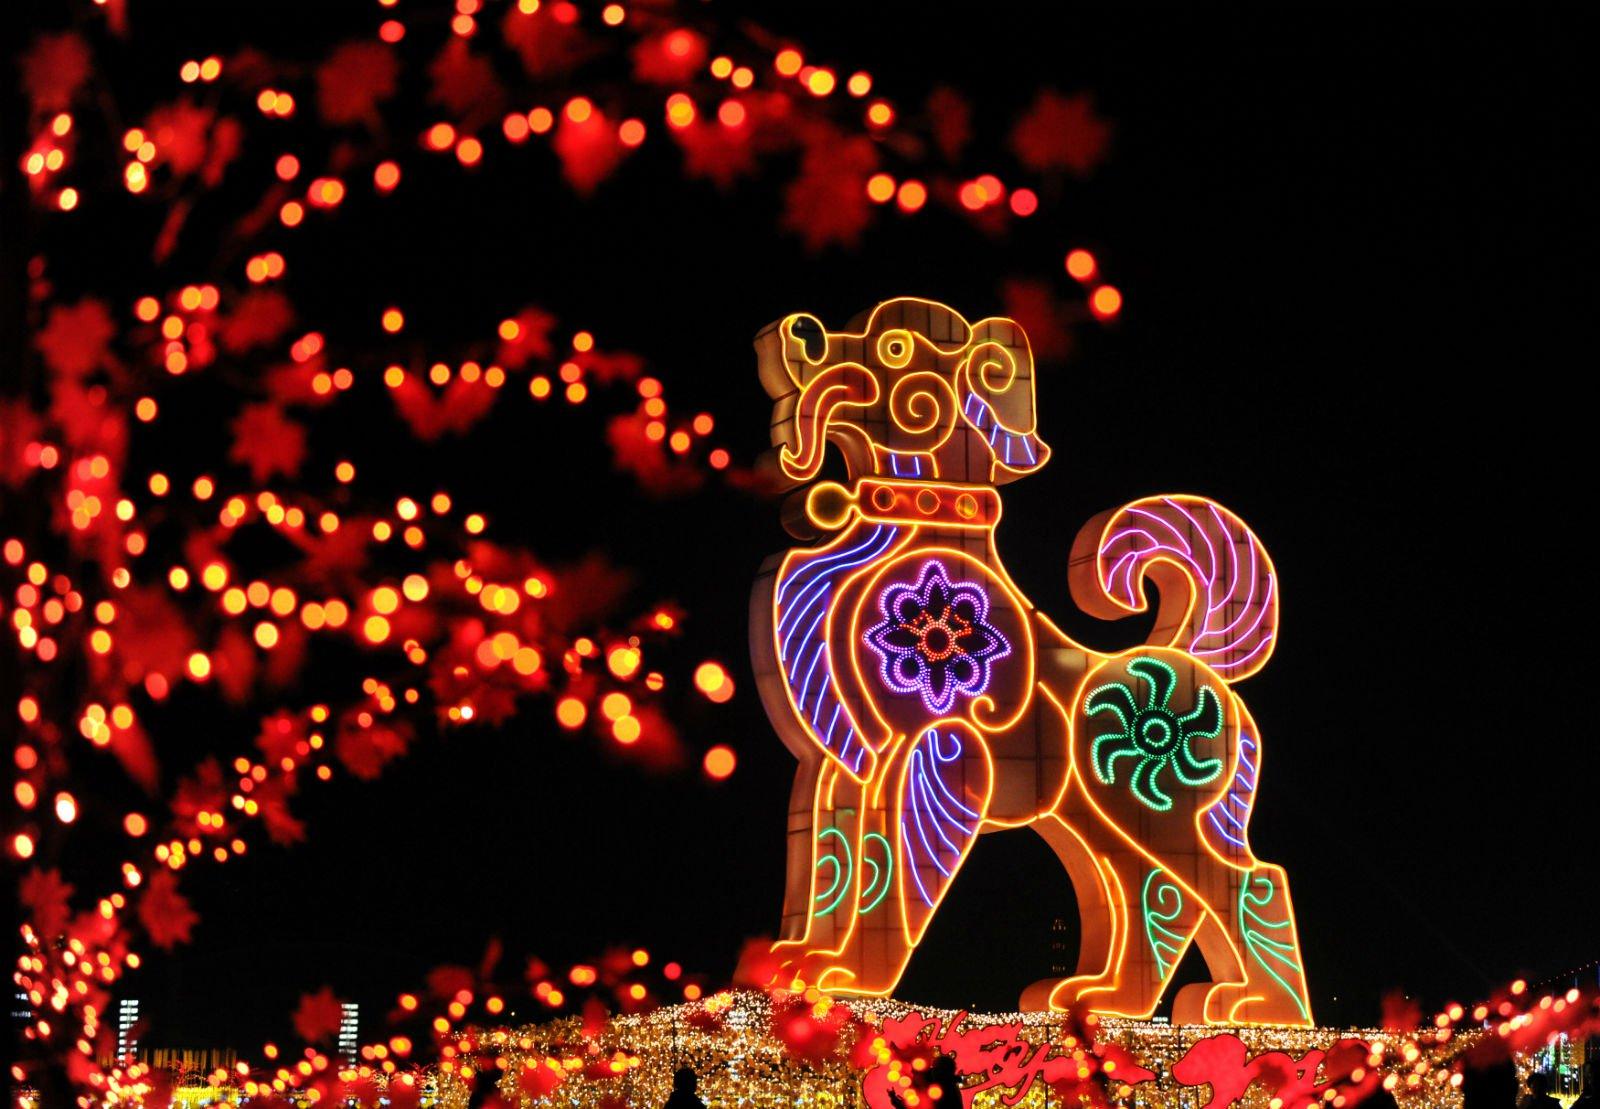 Mô hình chú chó khổng lồ được trang trí rực rỡ ở quảng trường Tinh Hải, thành phố Đại Liên, tỉnh Liêu Ninh, Trung Quốc. Theo cách tính của người Trung Quốc, năm 2018 sẽ là năm con chó.